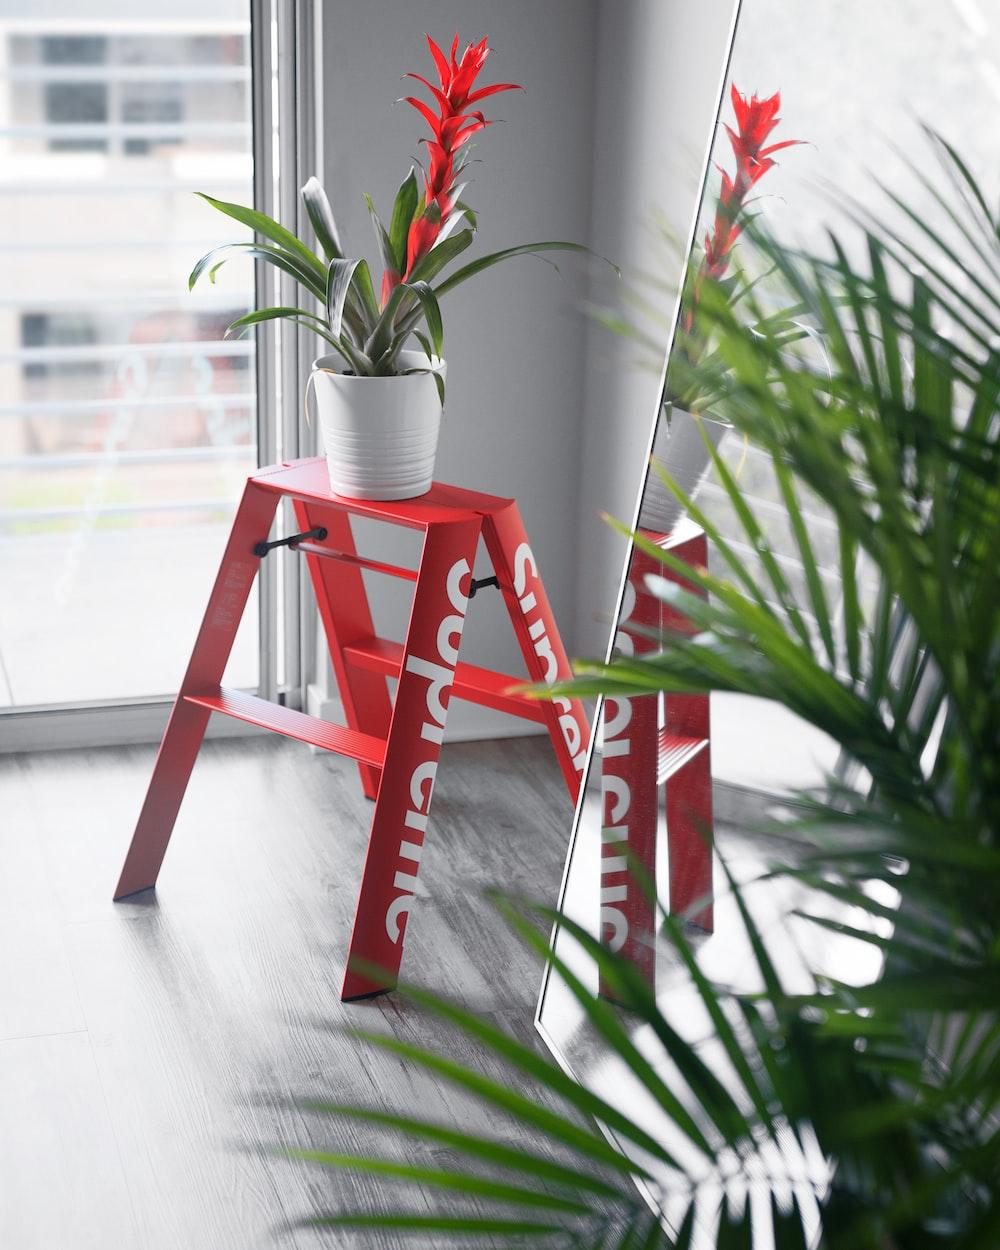 red potted plant on orange ladder